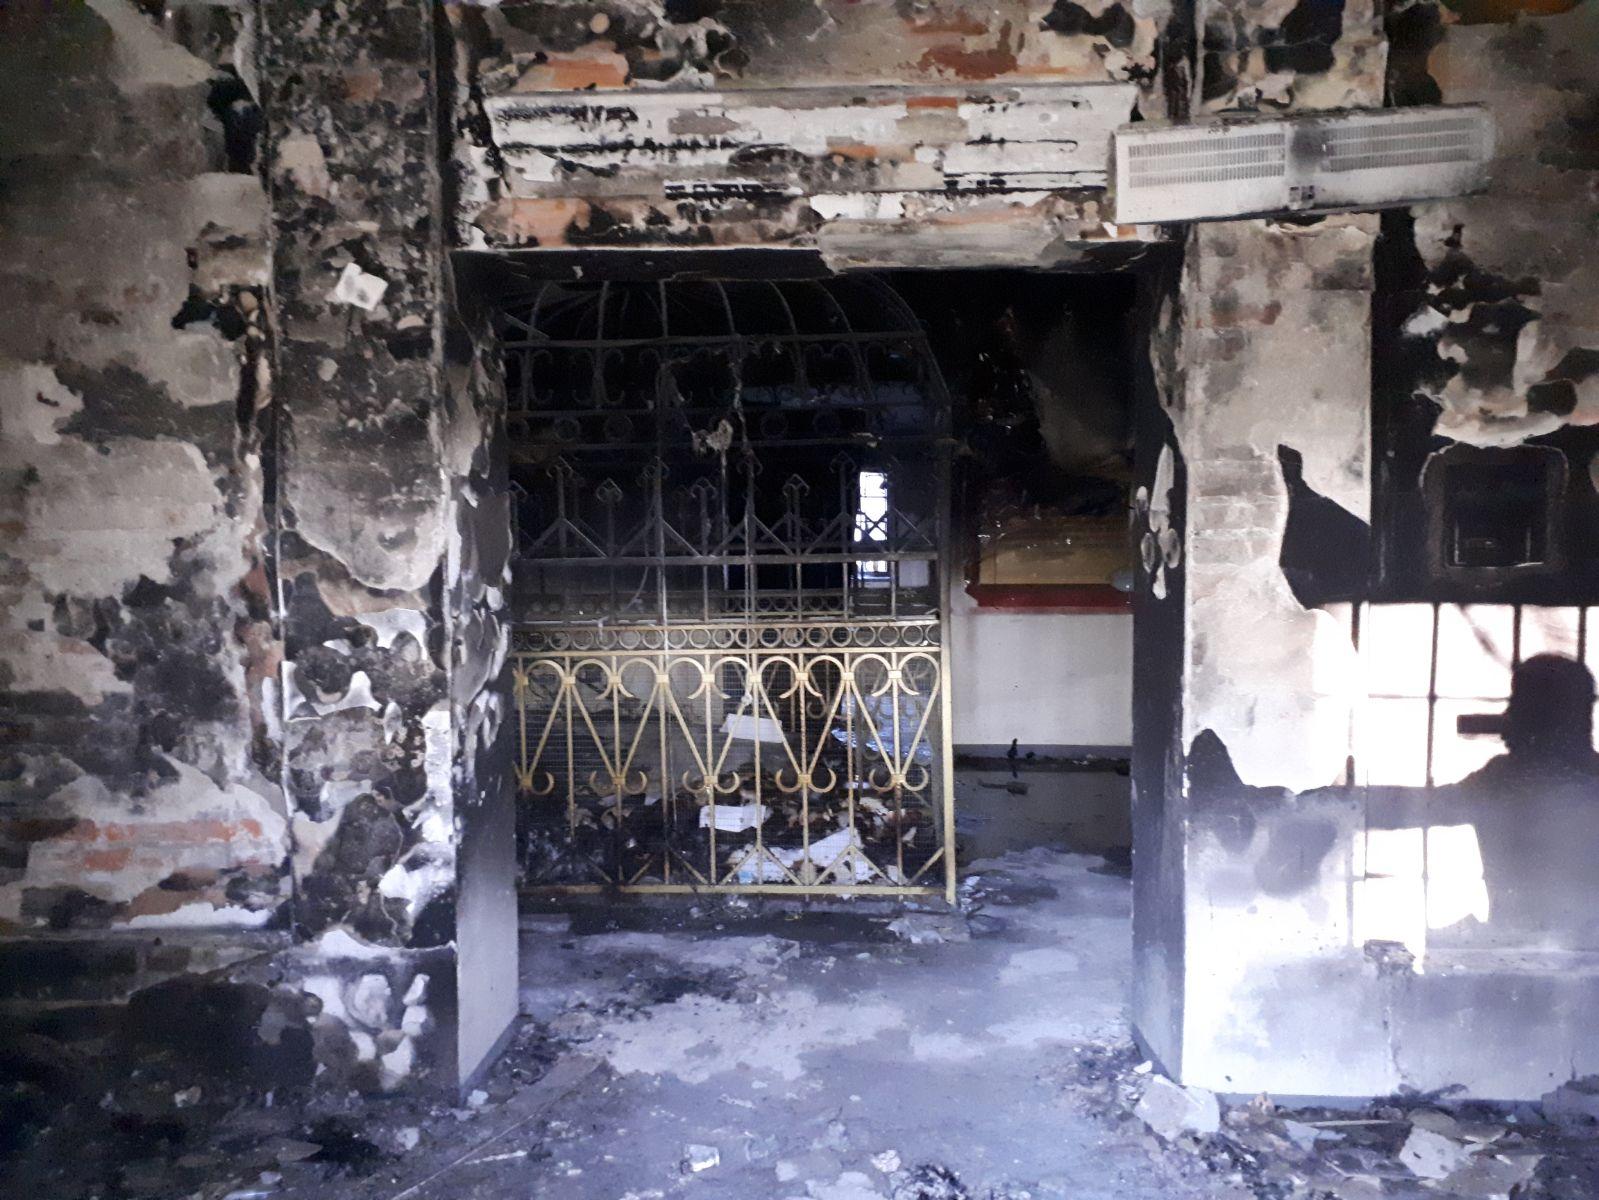 ולא חסרונו: ציון רבי מיילך לאחר השריפה